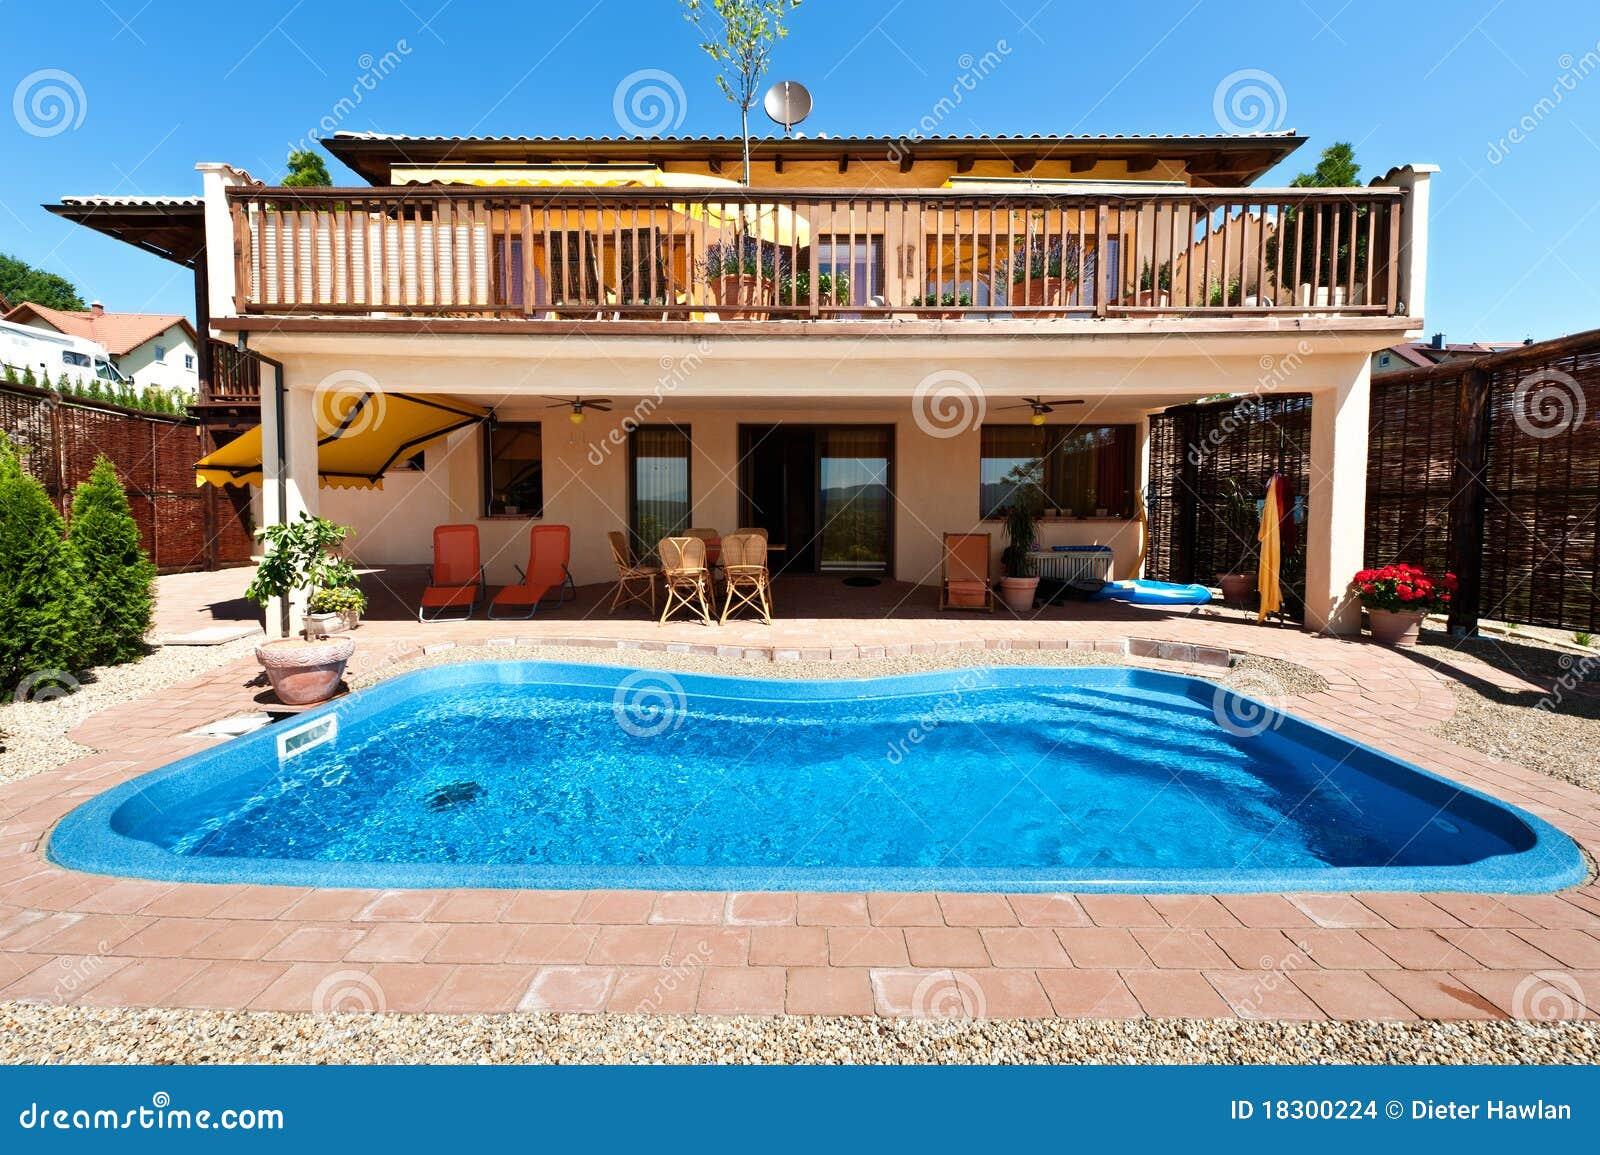 Casa y piscina imagenes de archivo imagen 18300224 for Case con piscine